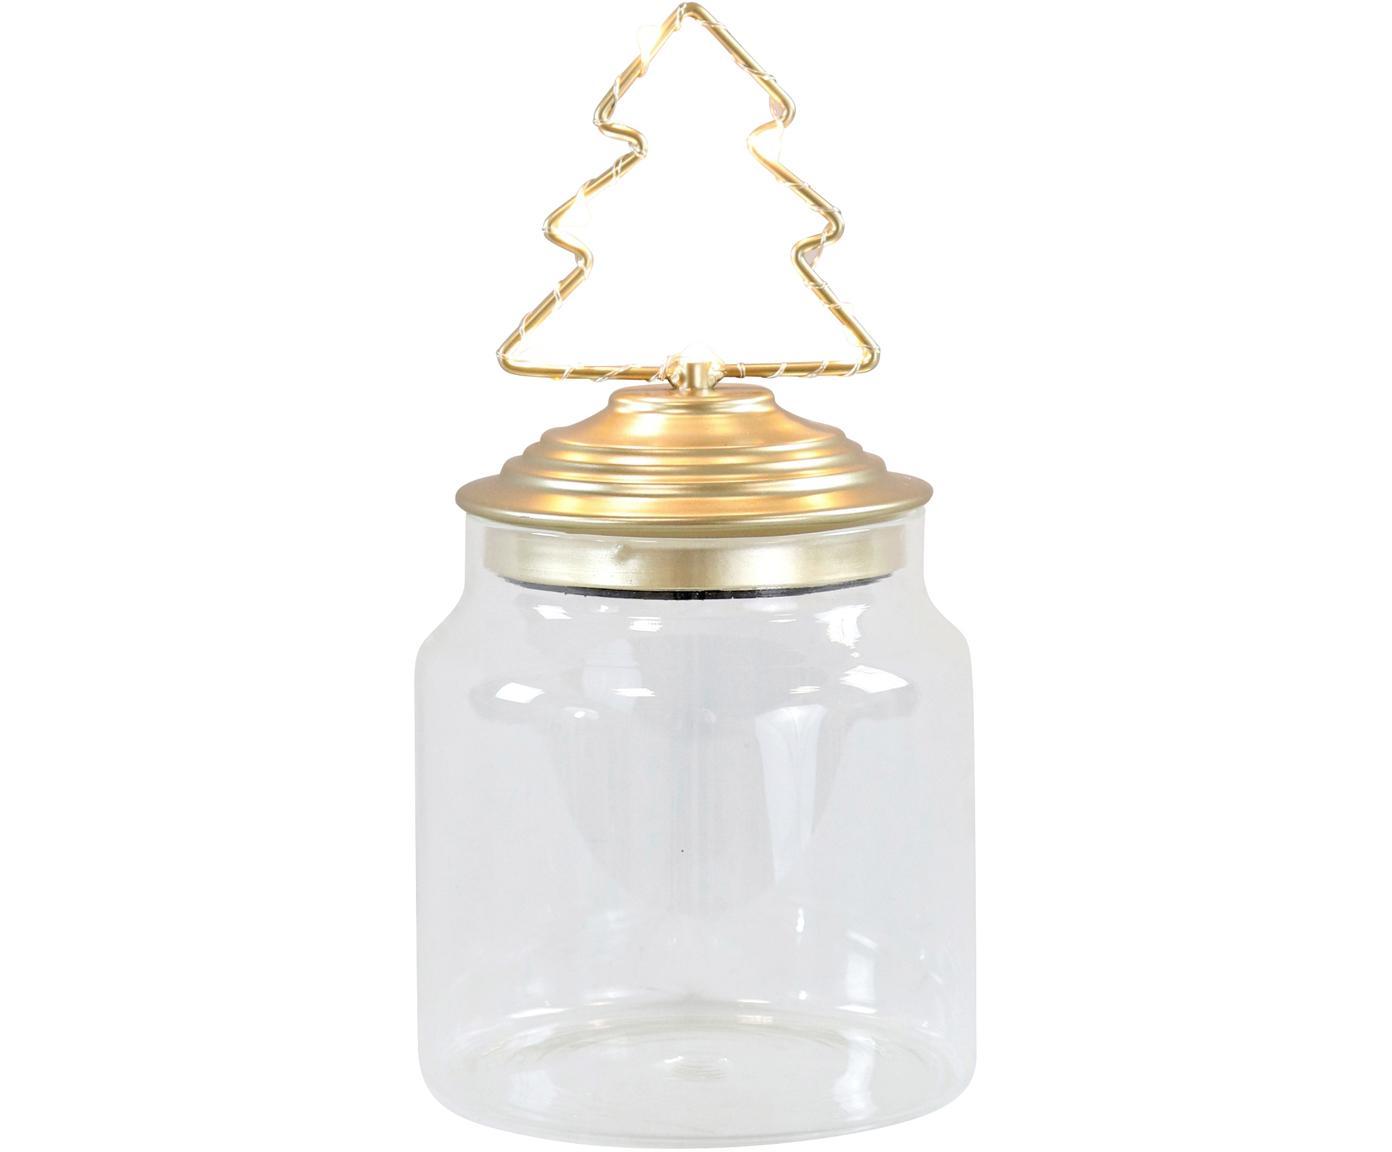 Bote con luces LED Tree, Transparente, dorado, Ø 11 x Al 15 cm